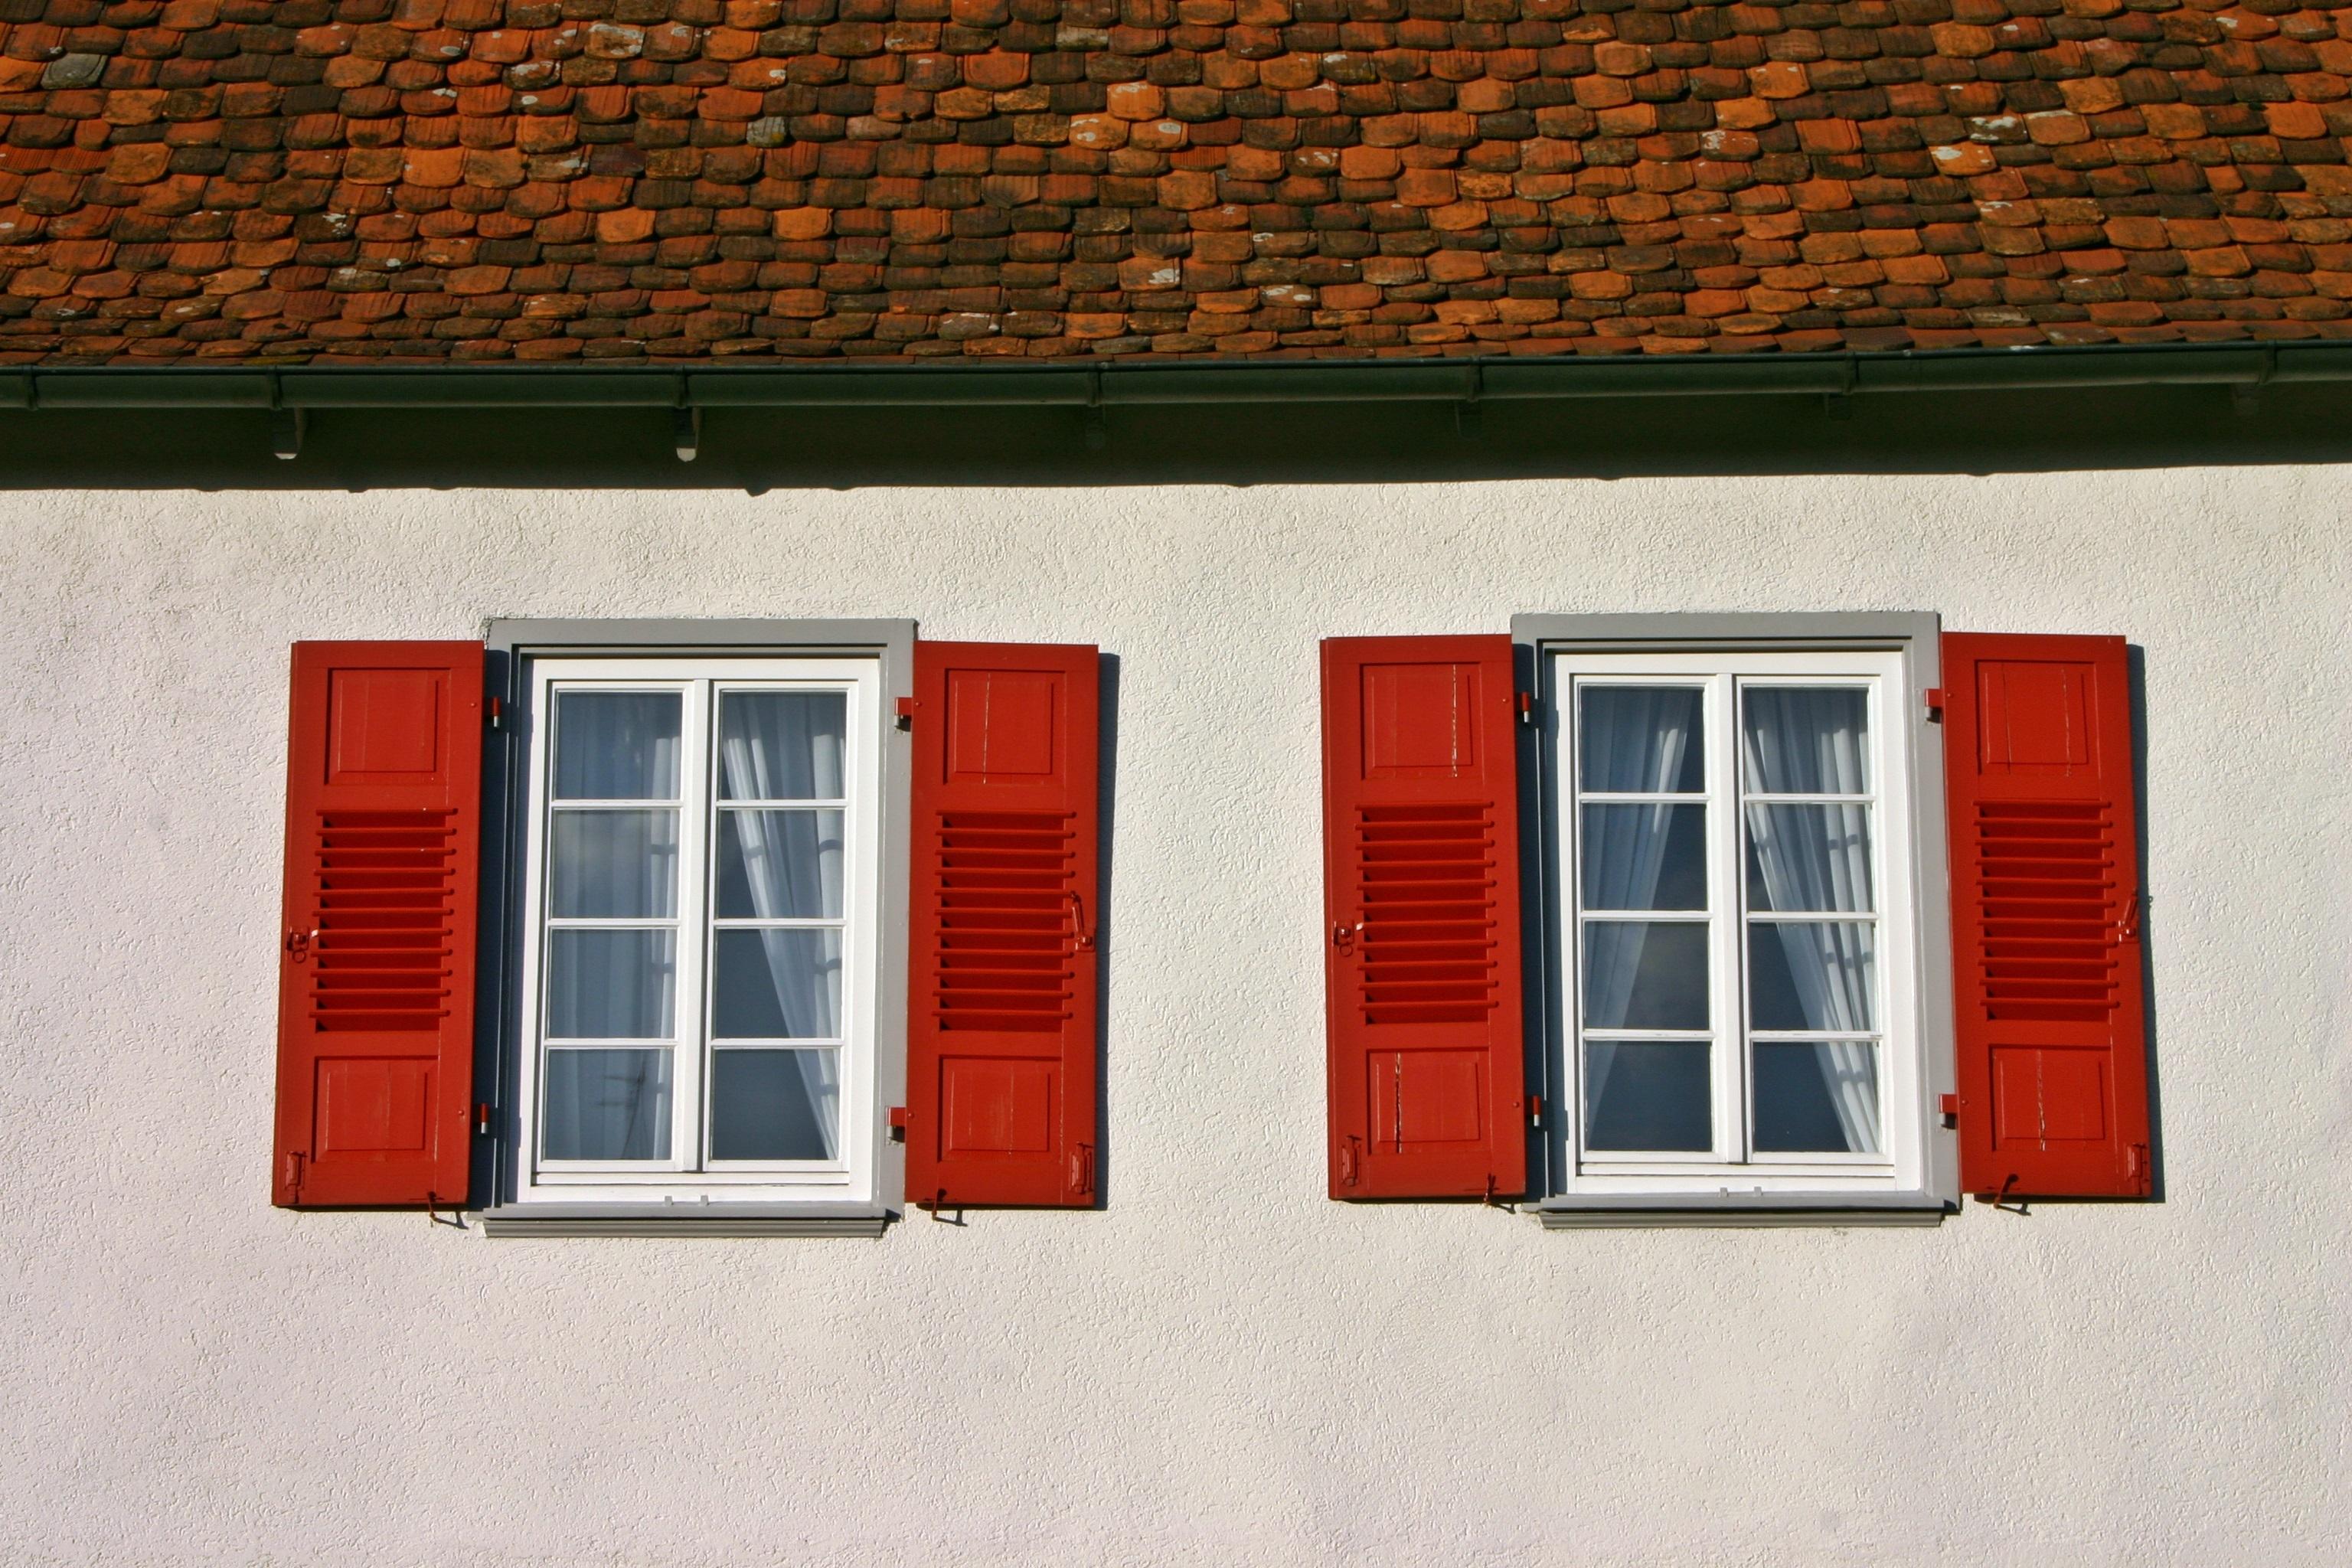 Kostenlose Foto : Die Architektur, Holz, Haus, Fenster, Dach, Gebäude,  Zuhause, Mauer, Rot, Farbe, Fassade, Fliese, Zwei, Bunt, Ziegel, Tür, ...